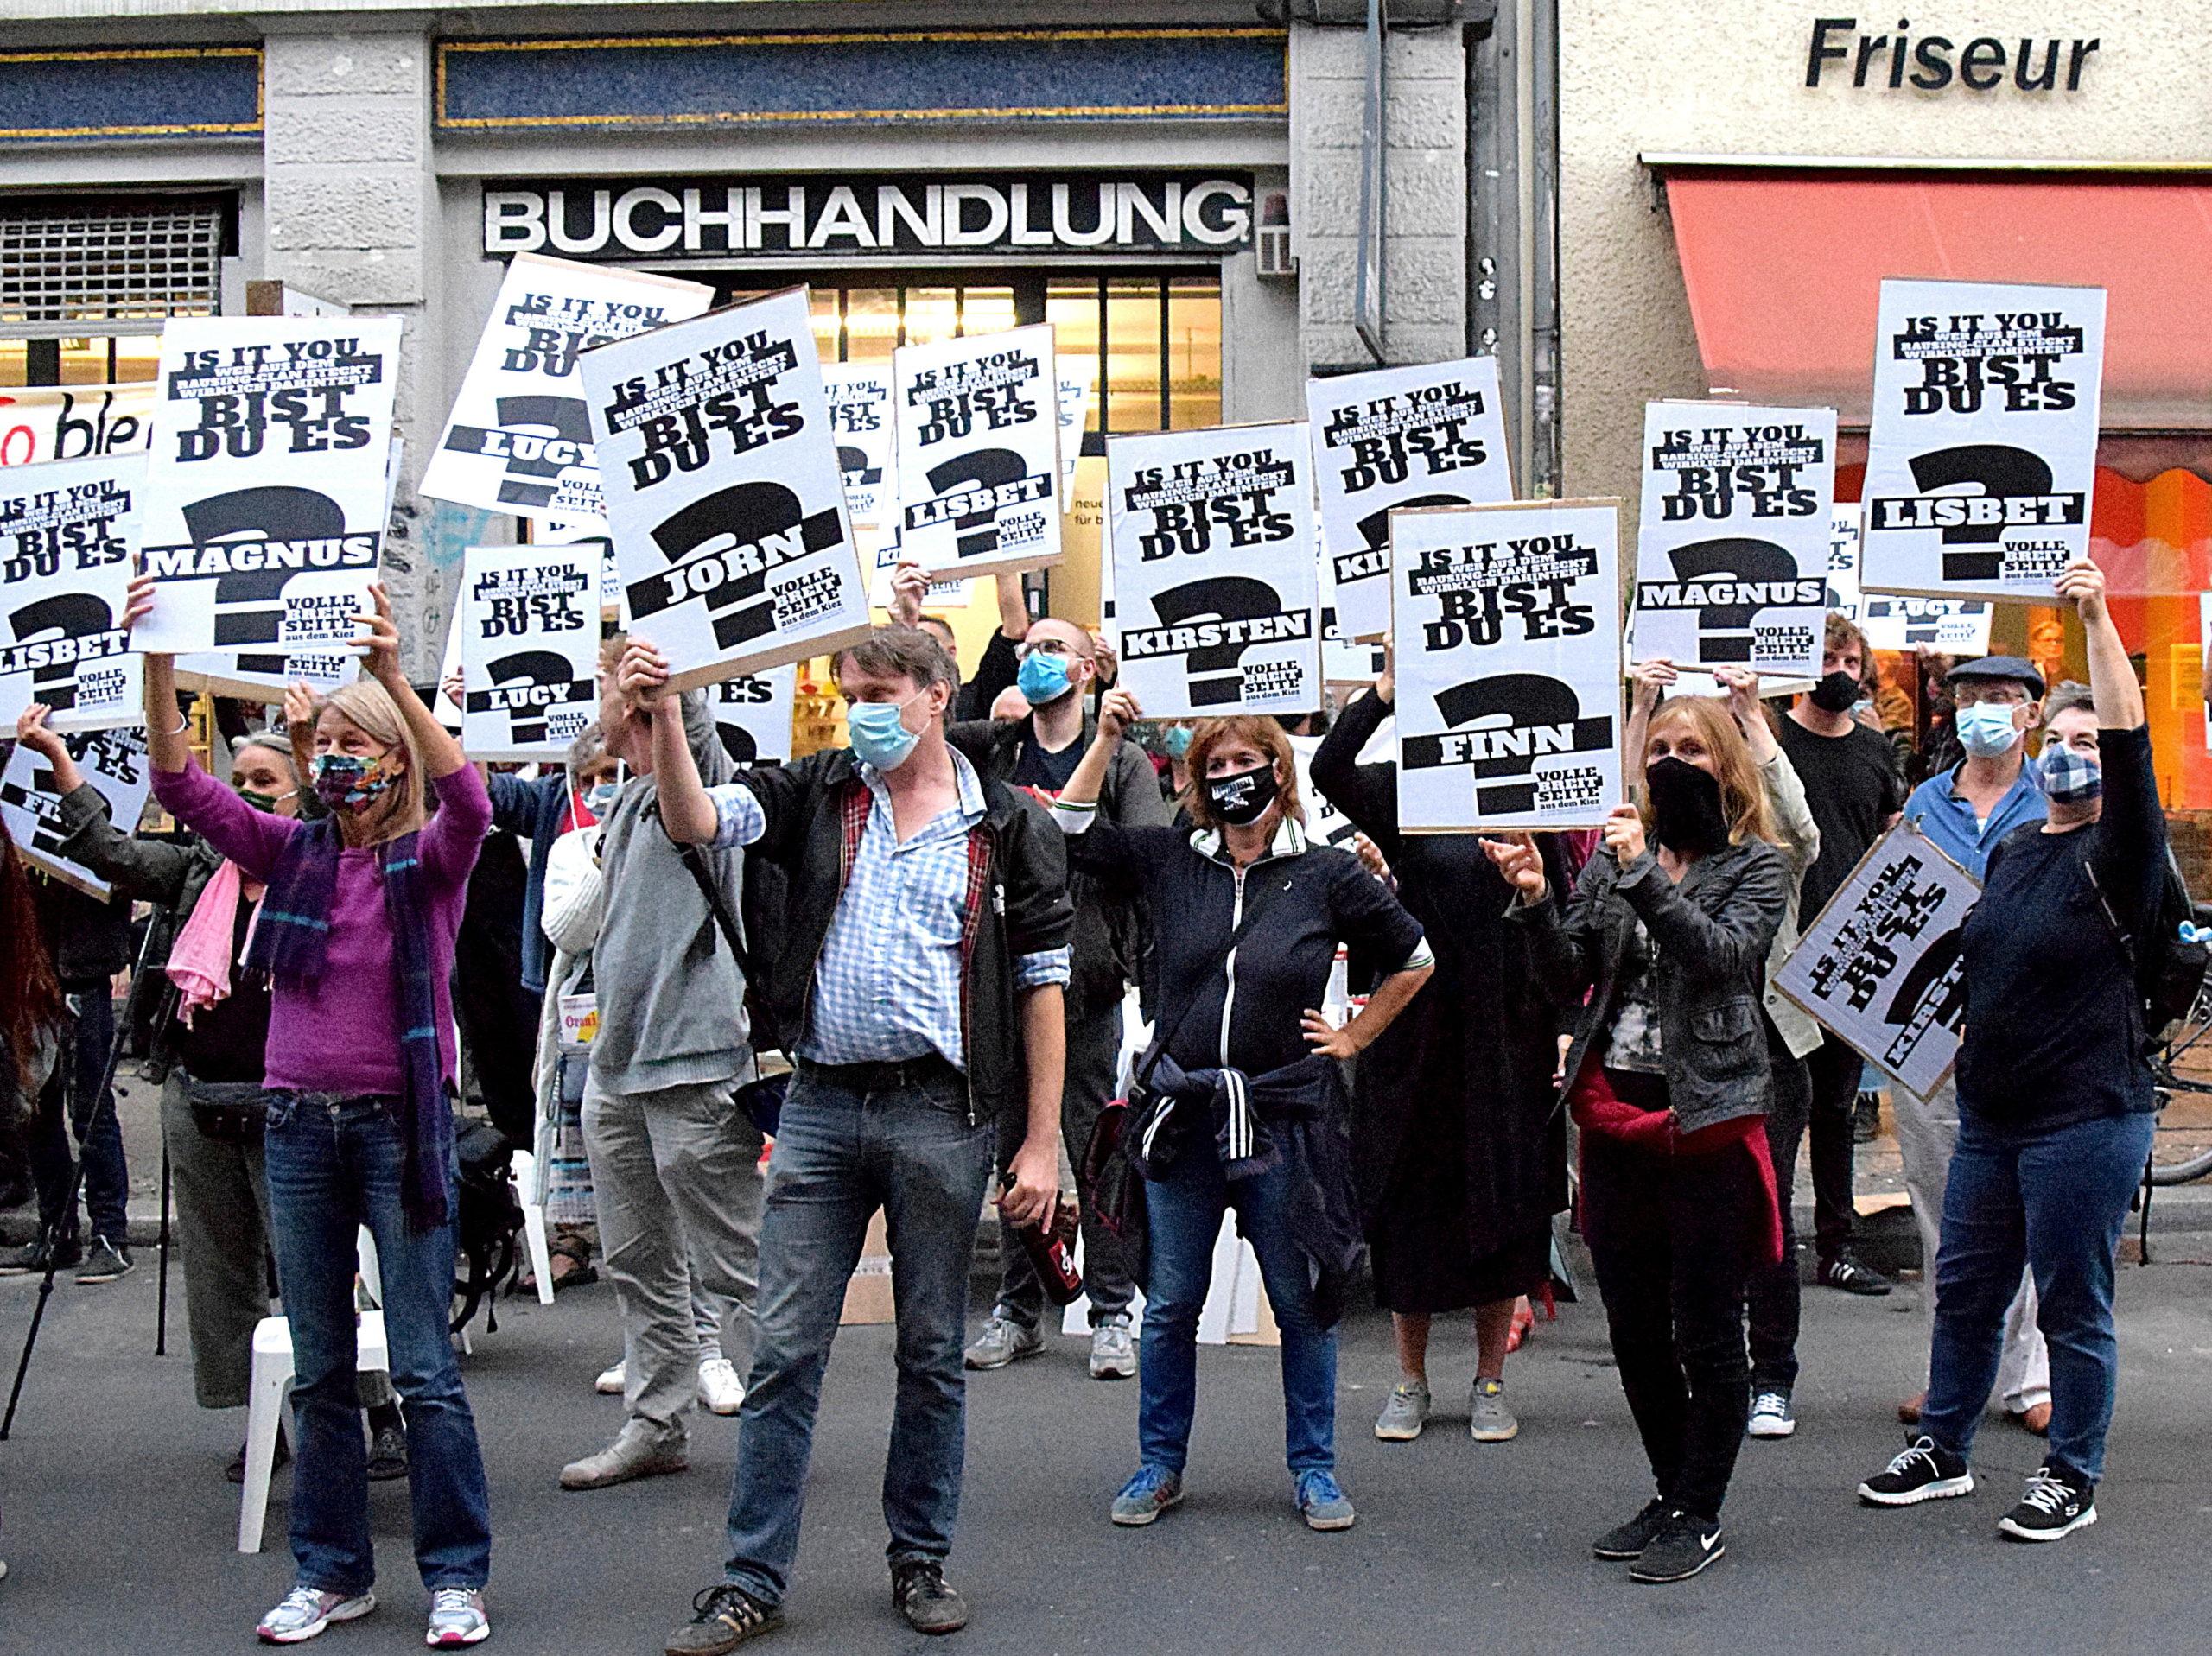 Die Kiezbuchhandlung gegen die Milliardäre – Petition